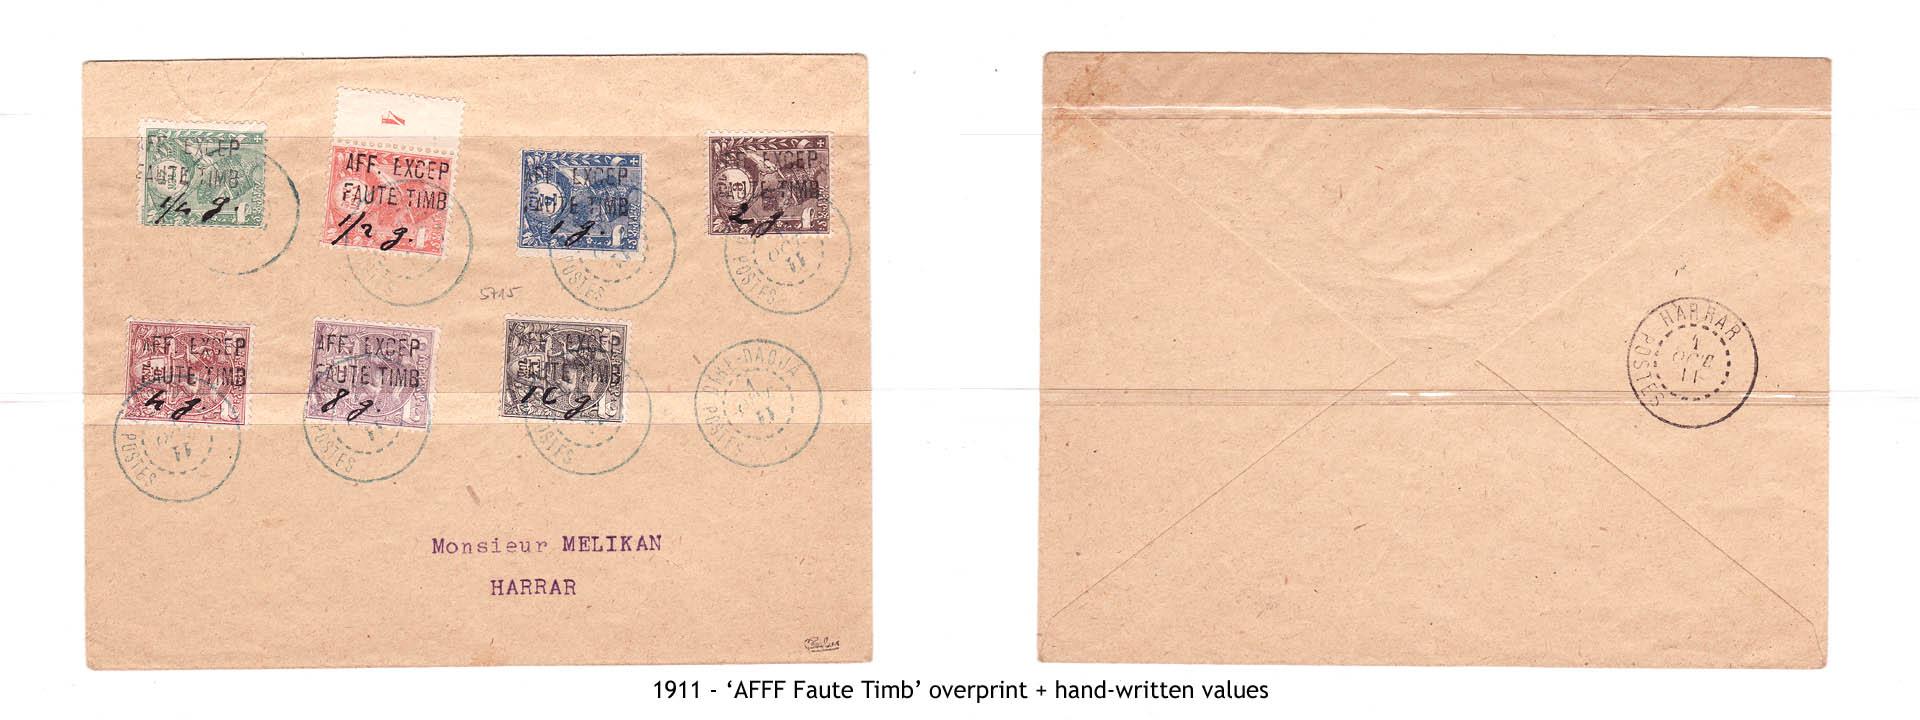 """1911 - """"AFFF Faute Timb"""" overprint + hand-written values"""